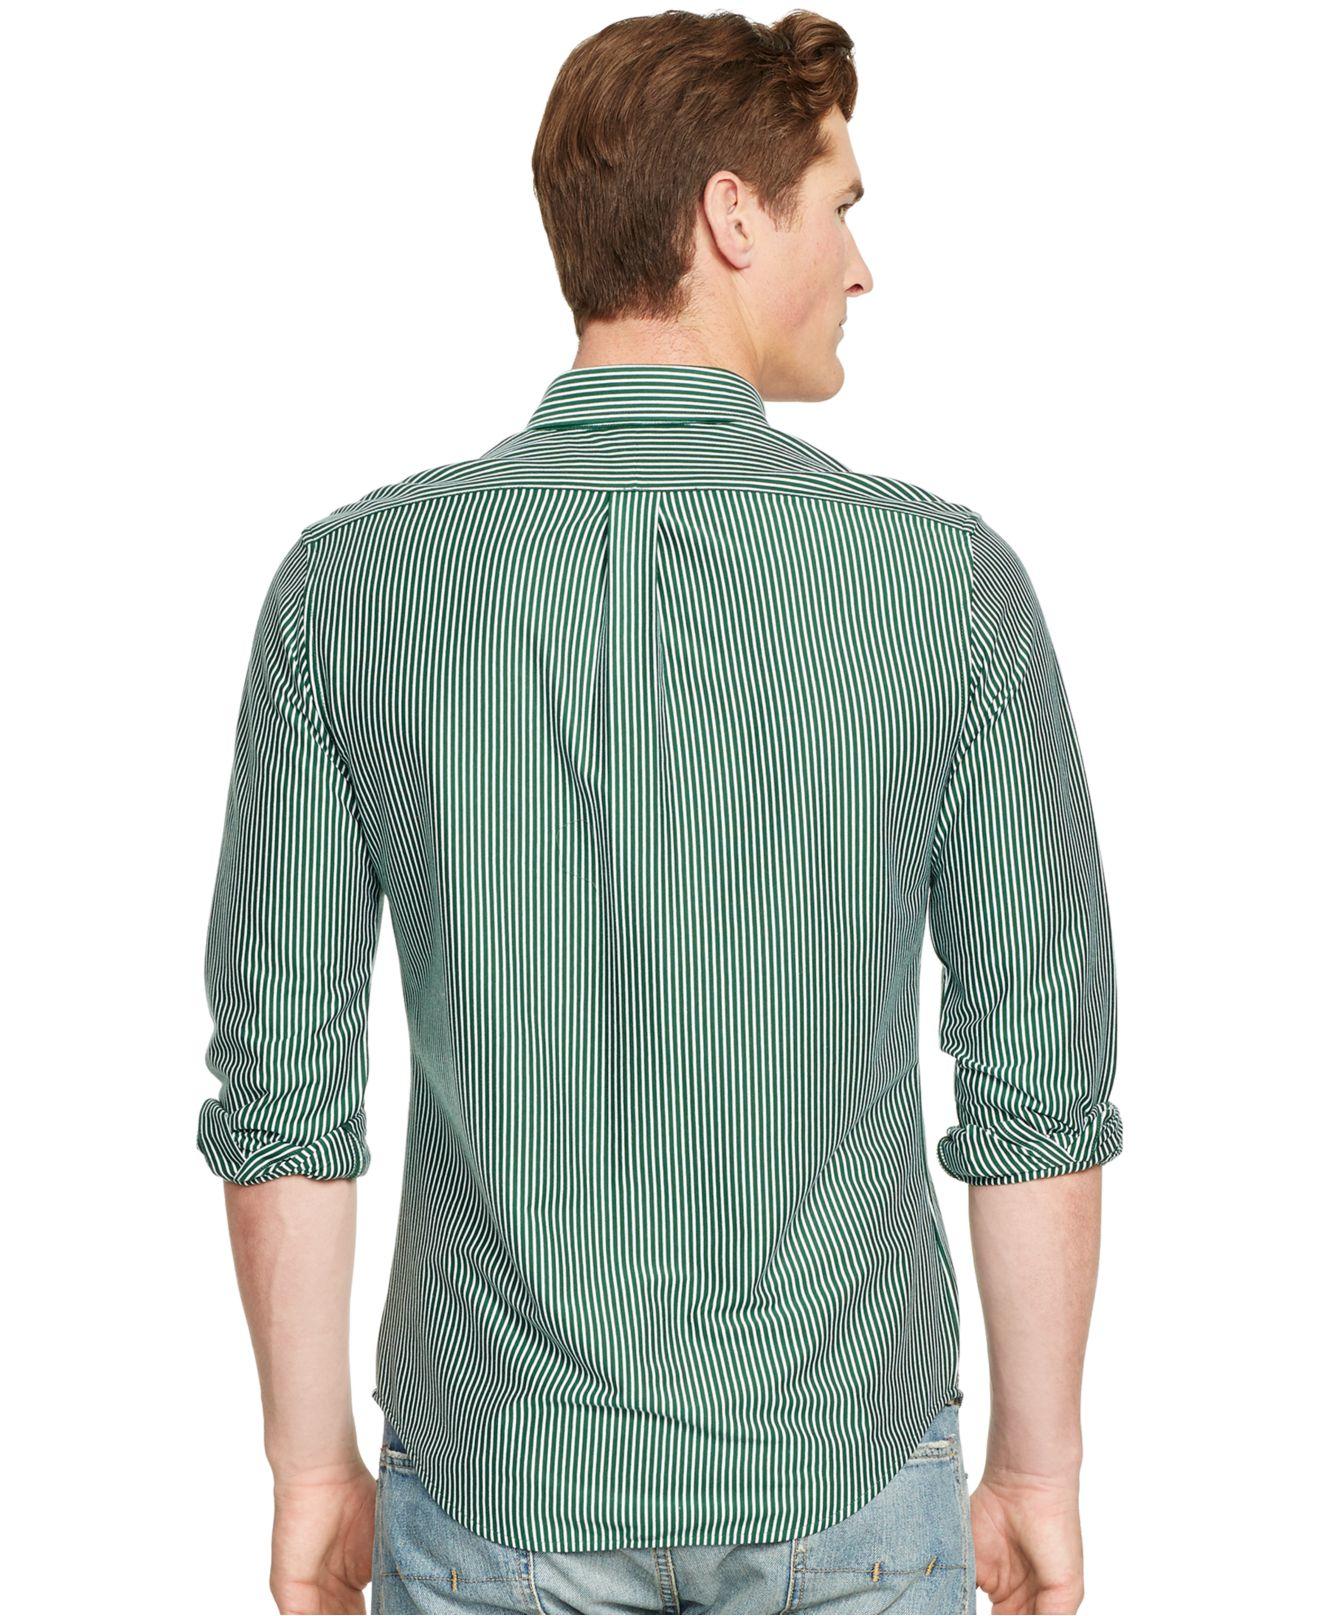 Lyst Polo Ralph Lauren Striped Knit Dress Shirt In Green